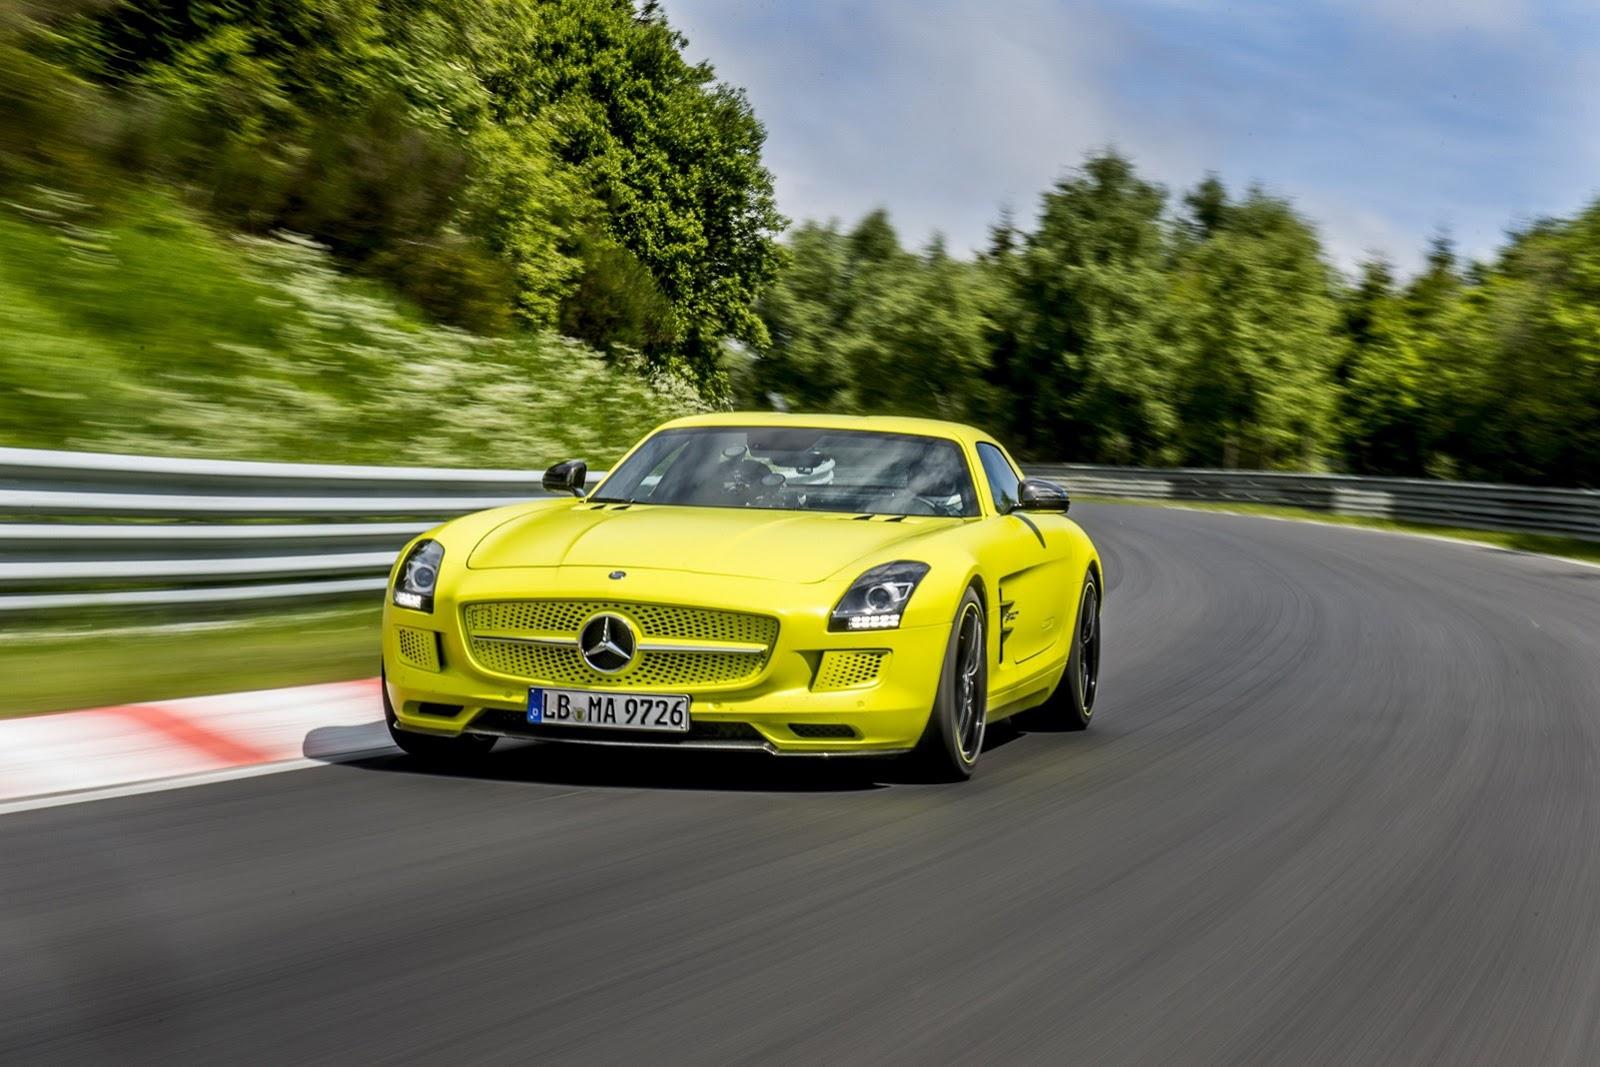 Mercedes-AMG'DE ŞARJLI DÖNEM BAŞLIYOR